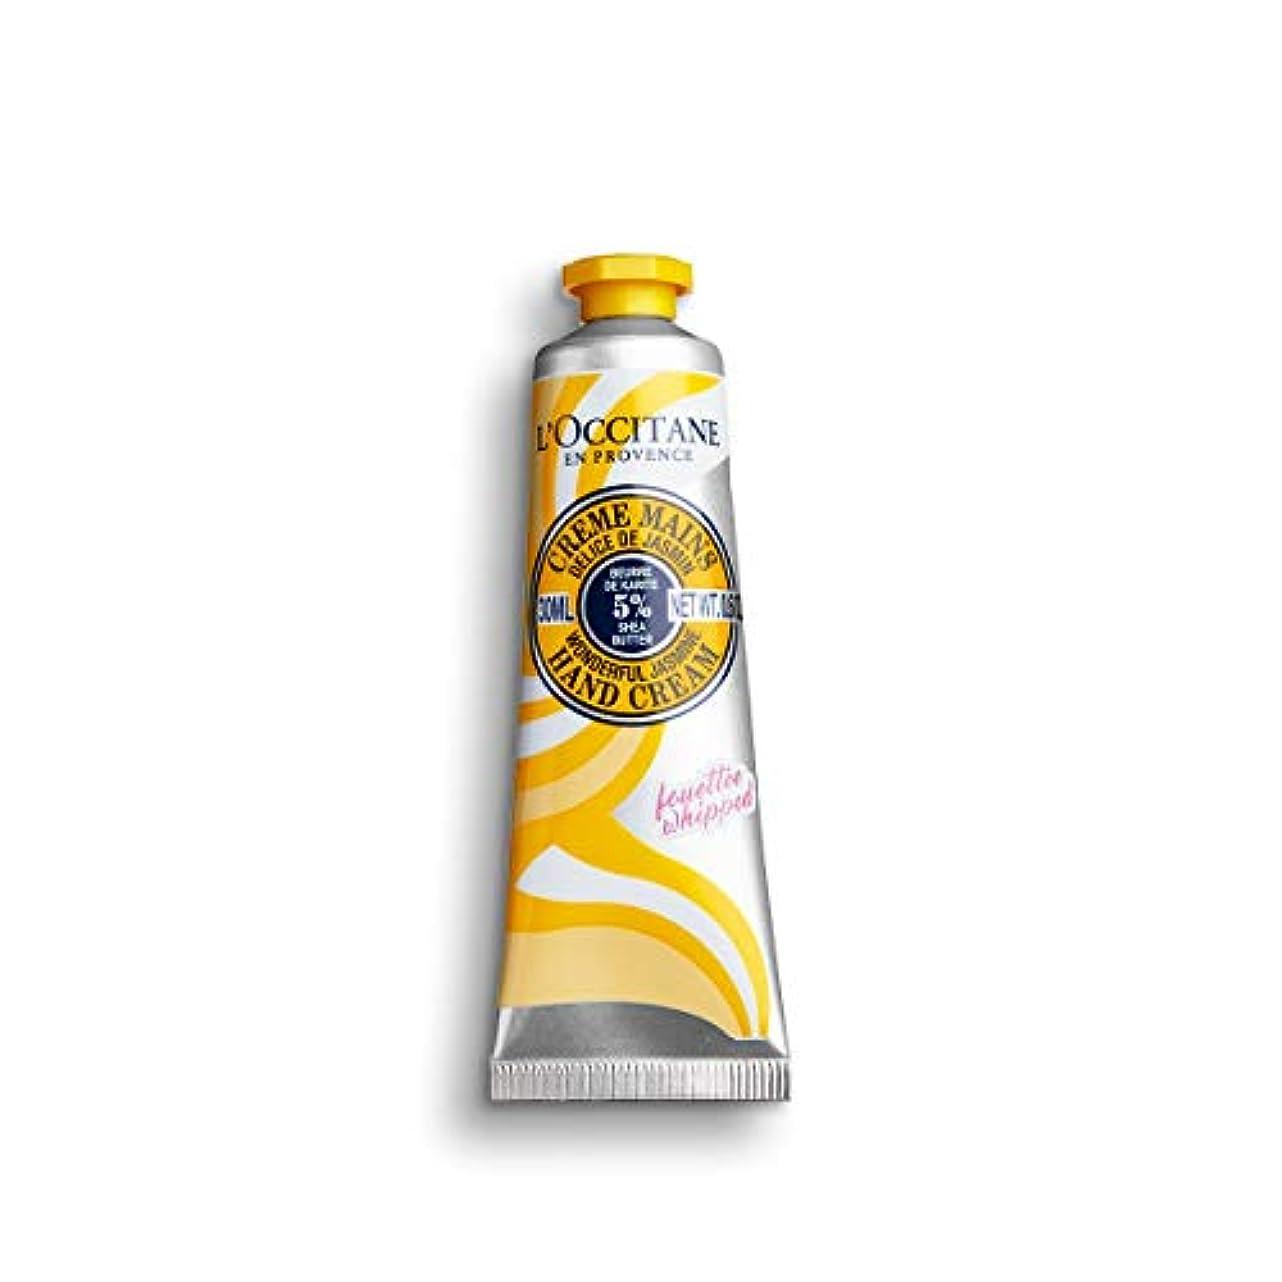 イノセンス公使館添加剤ロクシタン(L'OCCITANE) スノーシア ハンドクリーム(ジャスミンパッション) 30ml